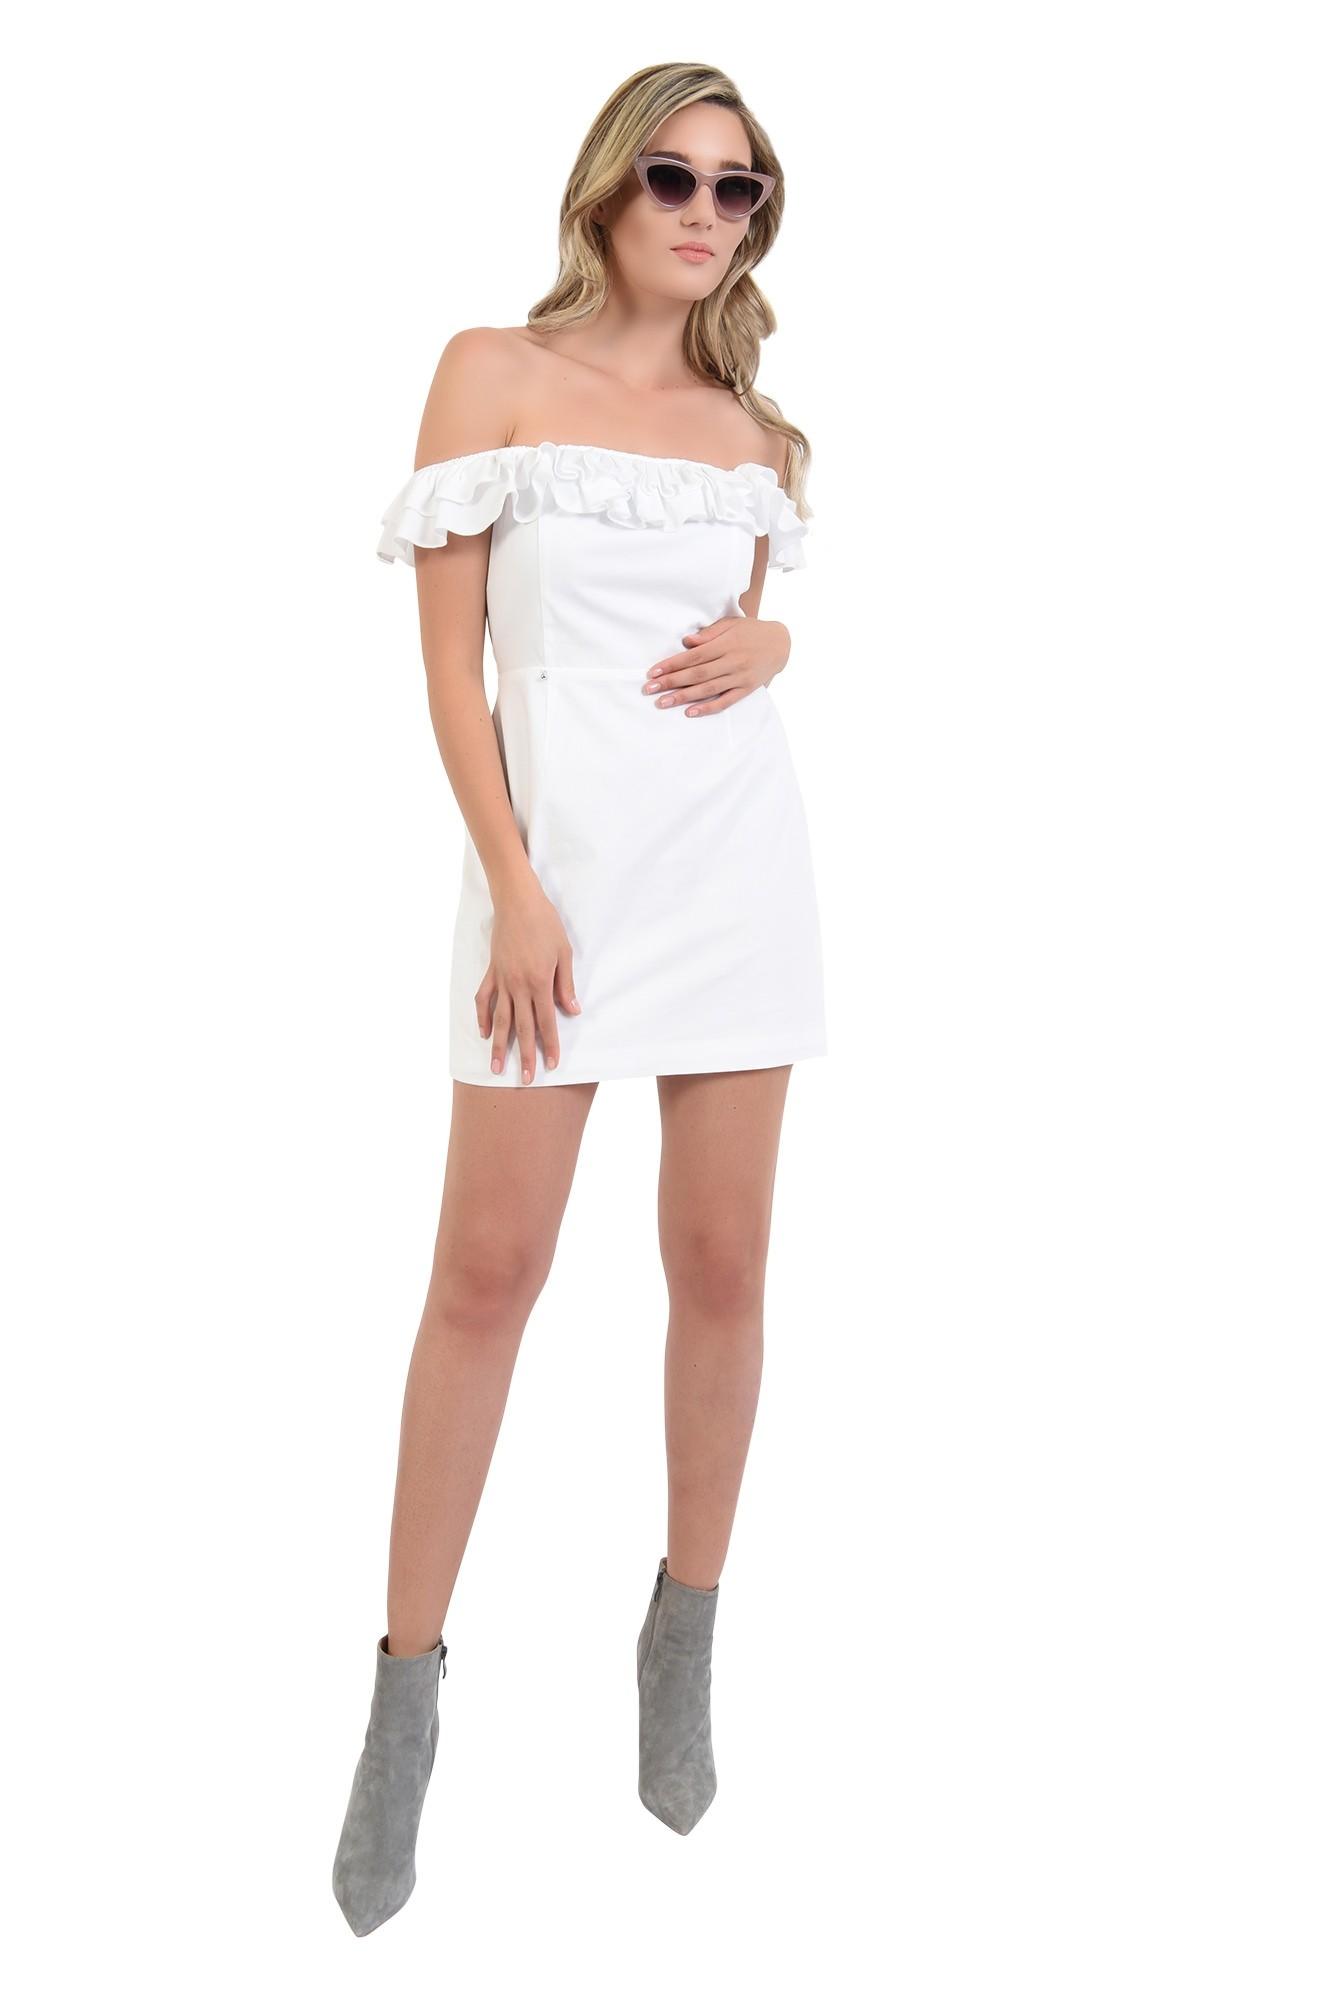 2 - 360 - rochie mini, alba, cu umeri goi si volane, Poema